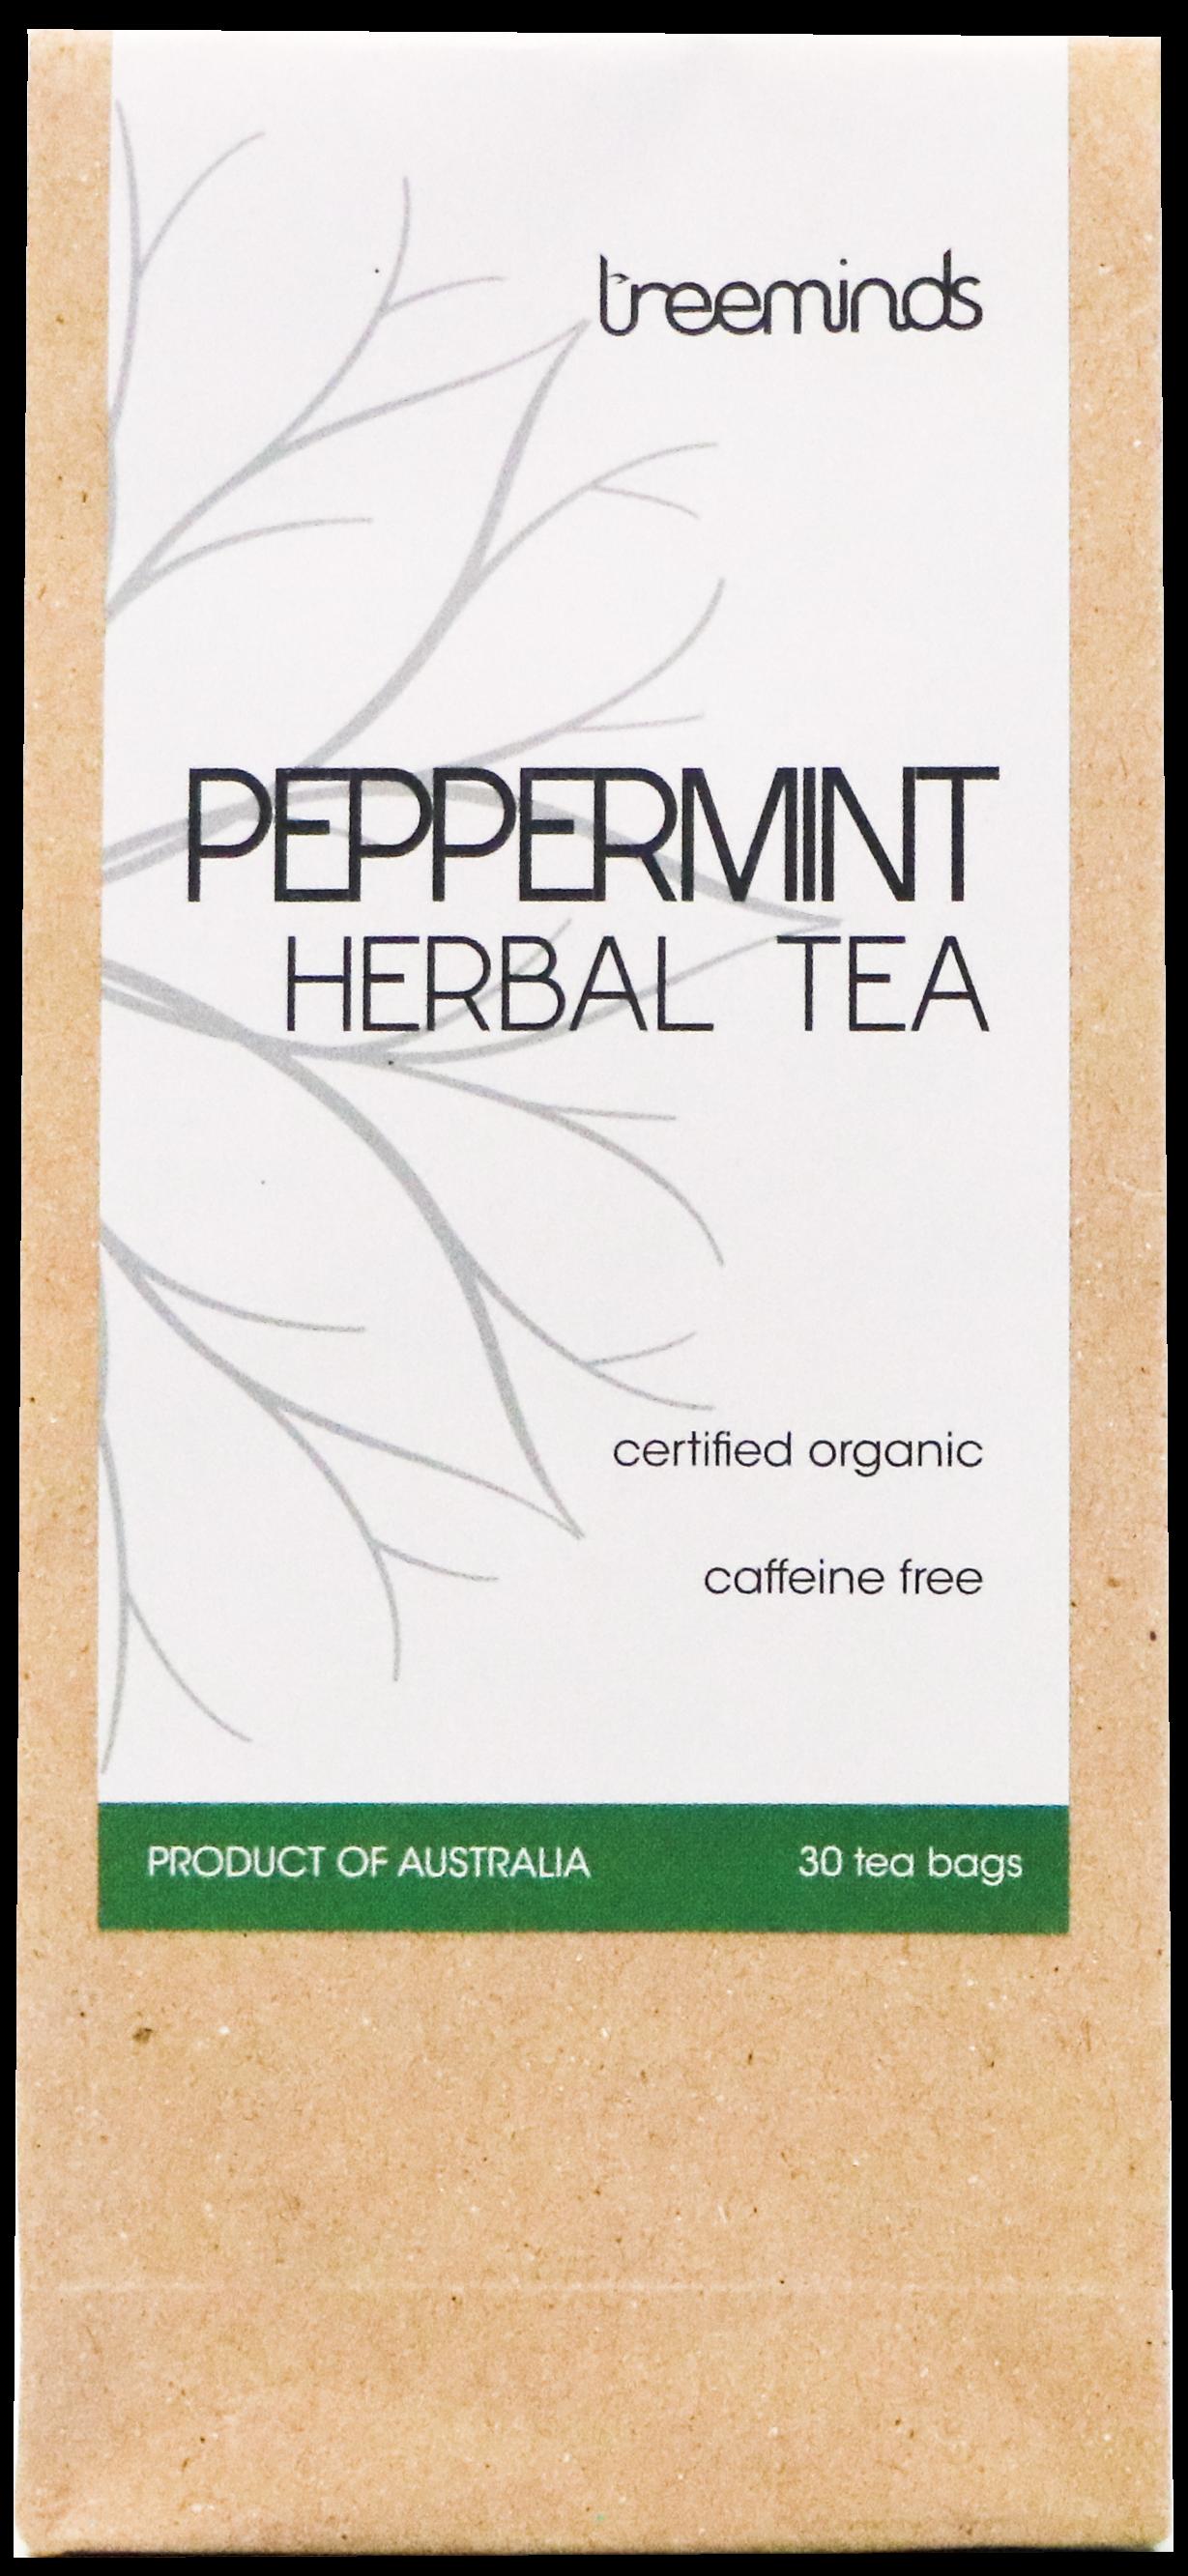 HERBAL TEA (PEPPERMINT)